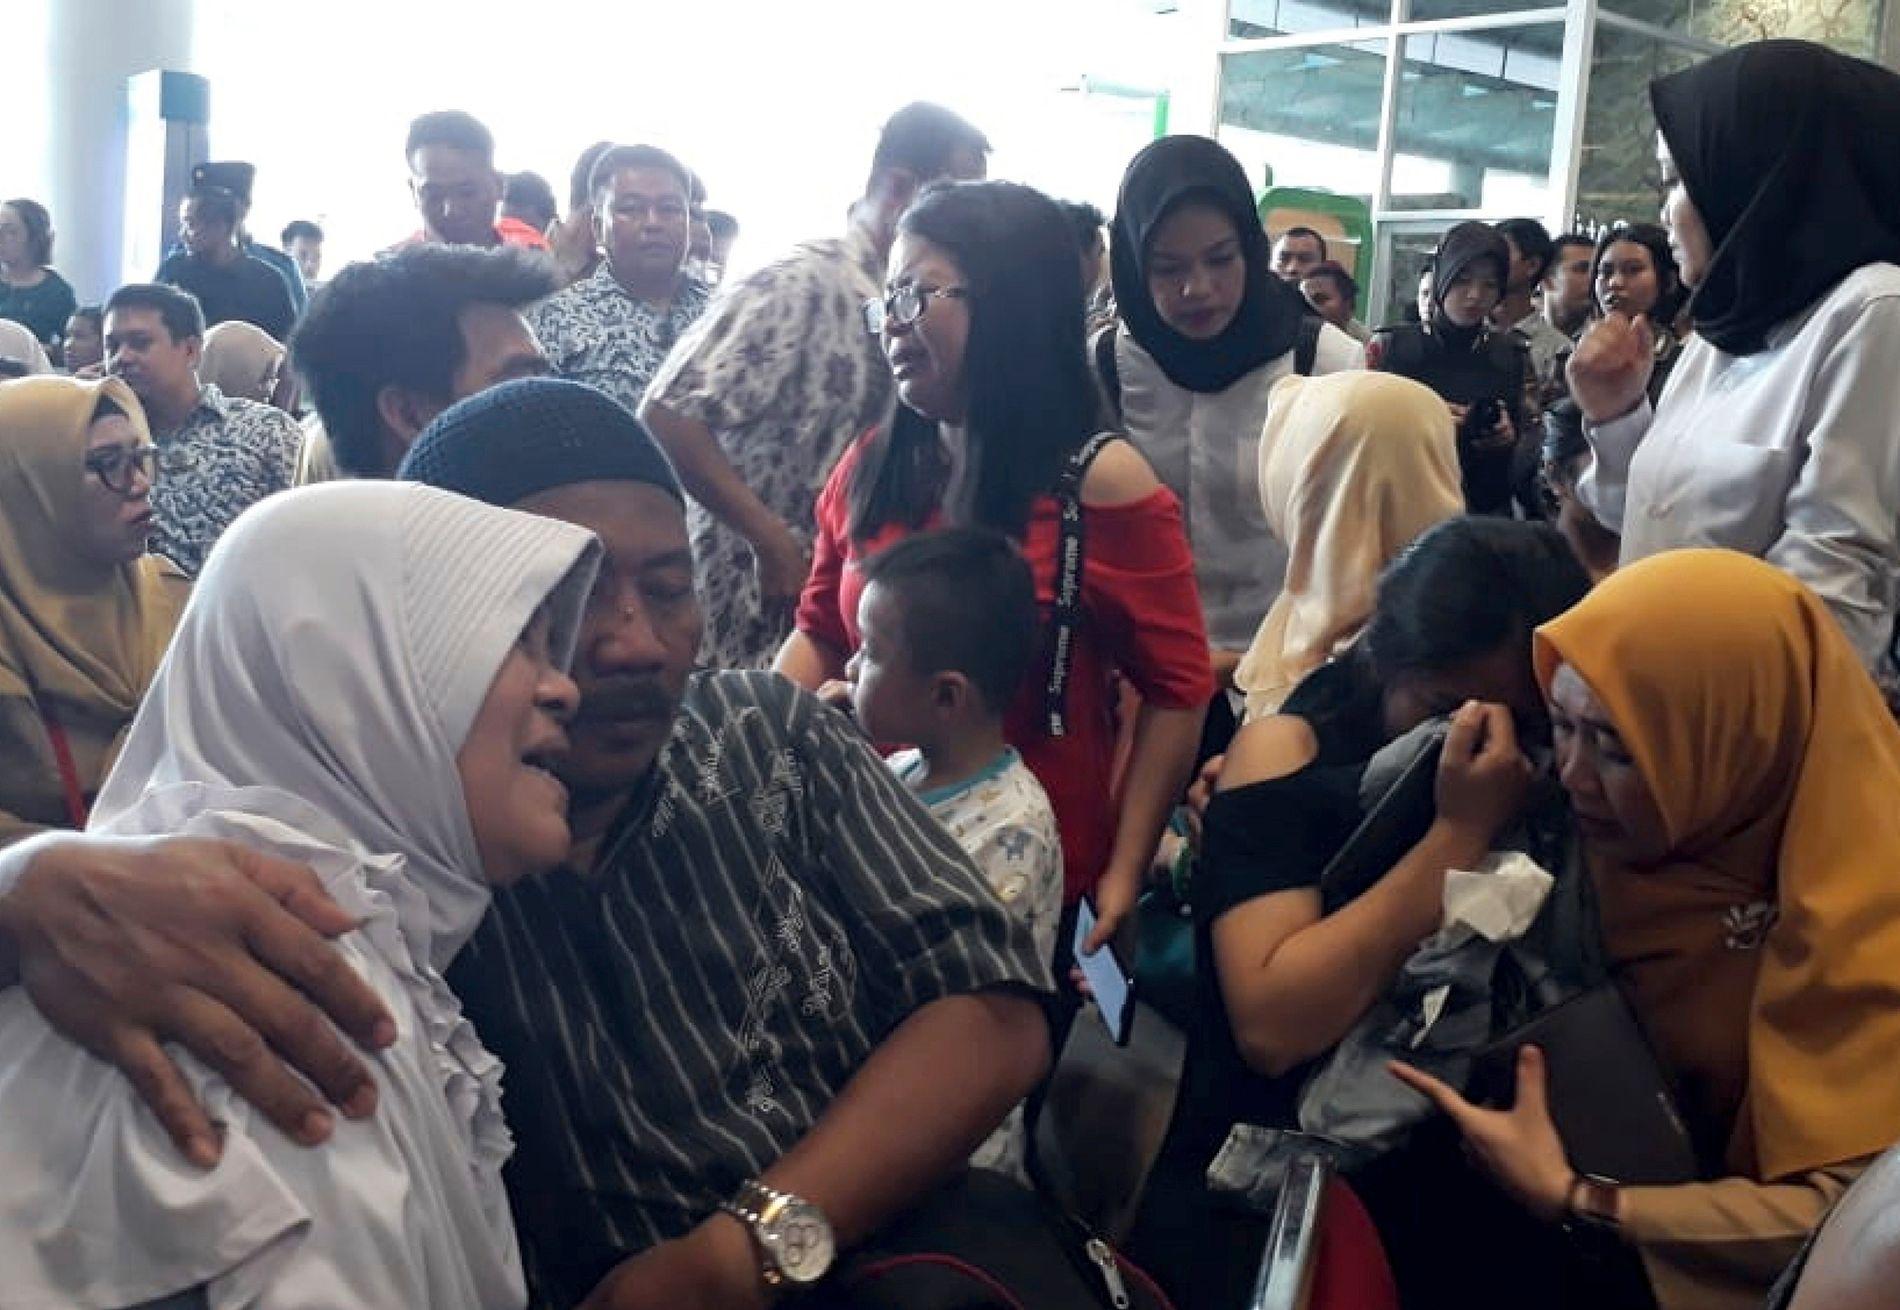 FRYKTER: Pårørende til passasjerene venter på nyheter på Depati Amir-flyplassen in Pangkal Pinang mandag.